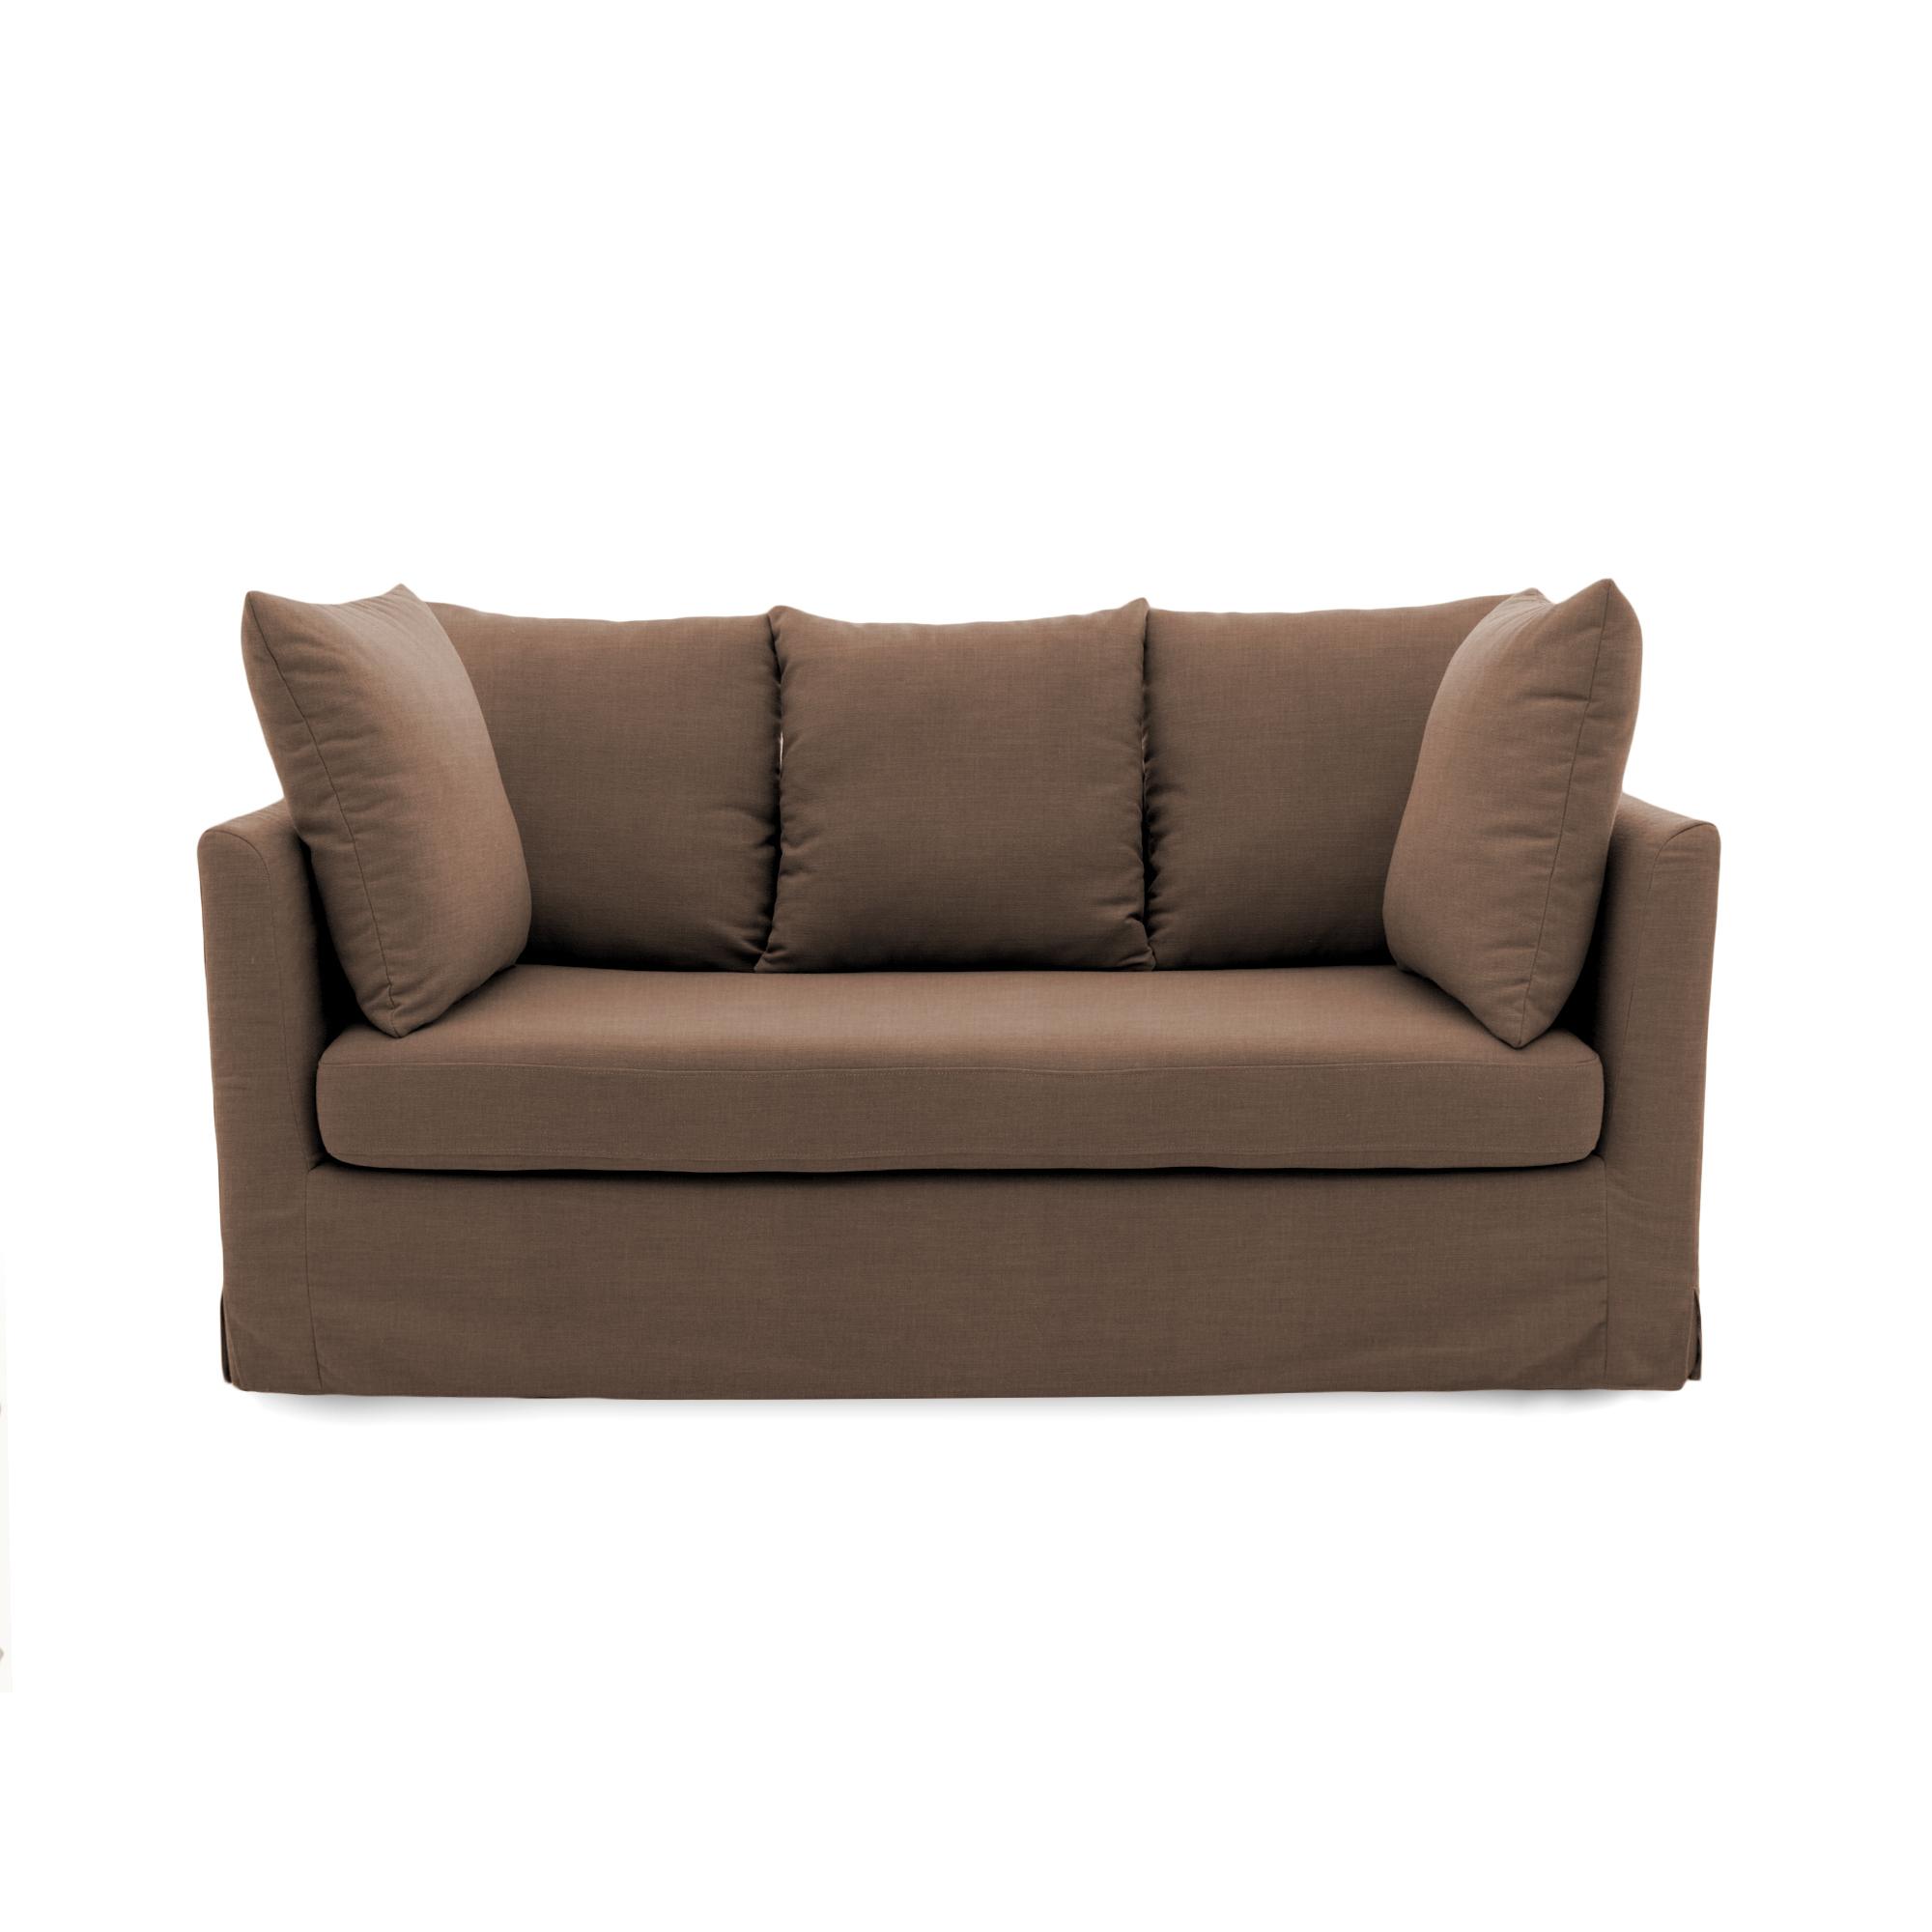 Canapea Fixa 3 locuri Coraly Brown